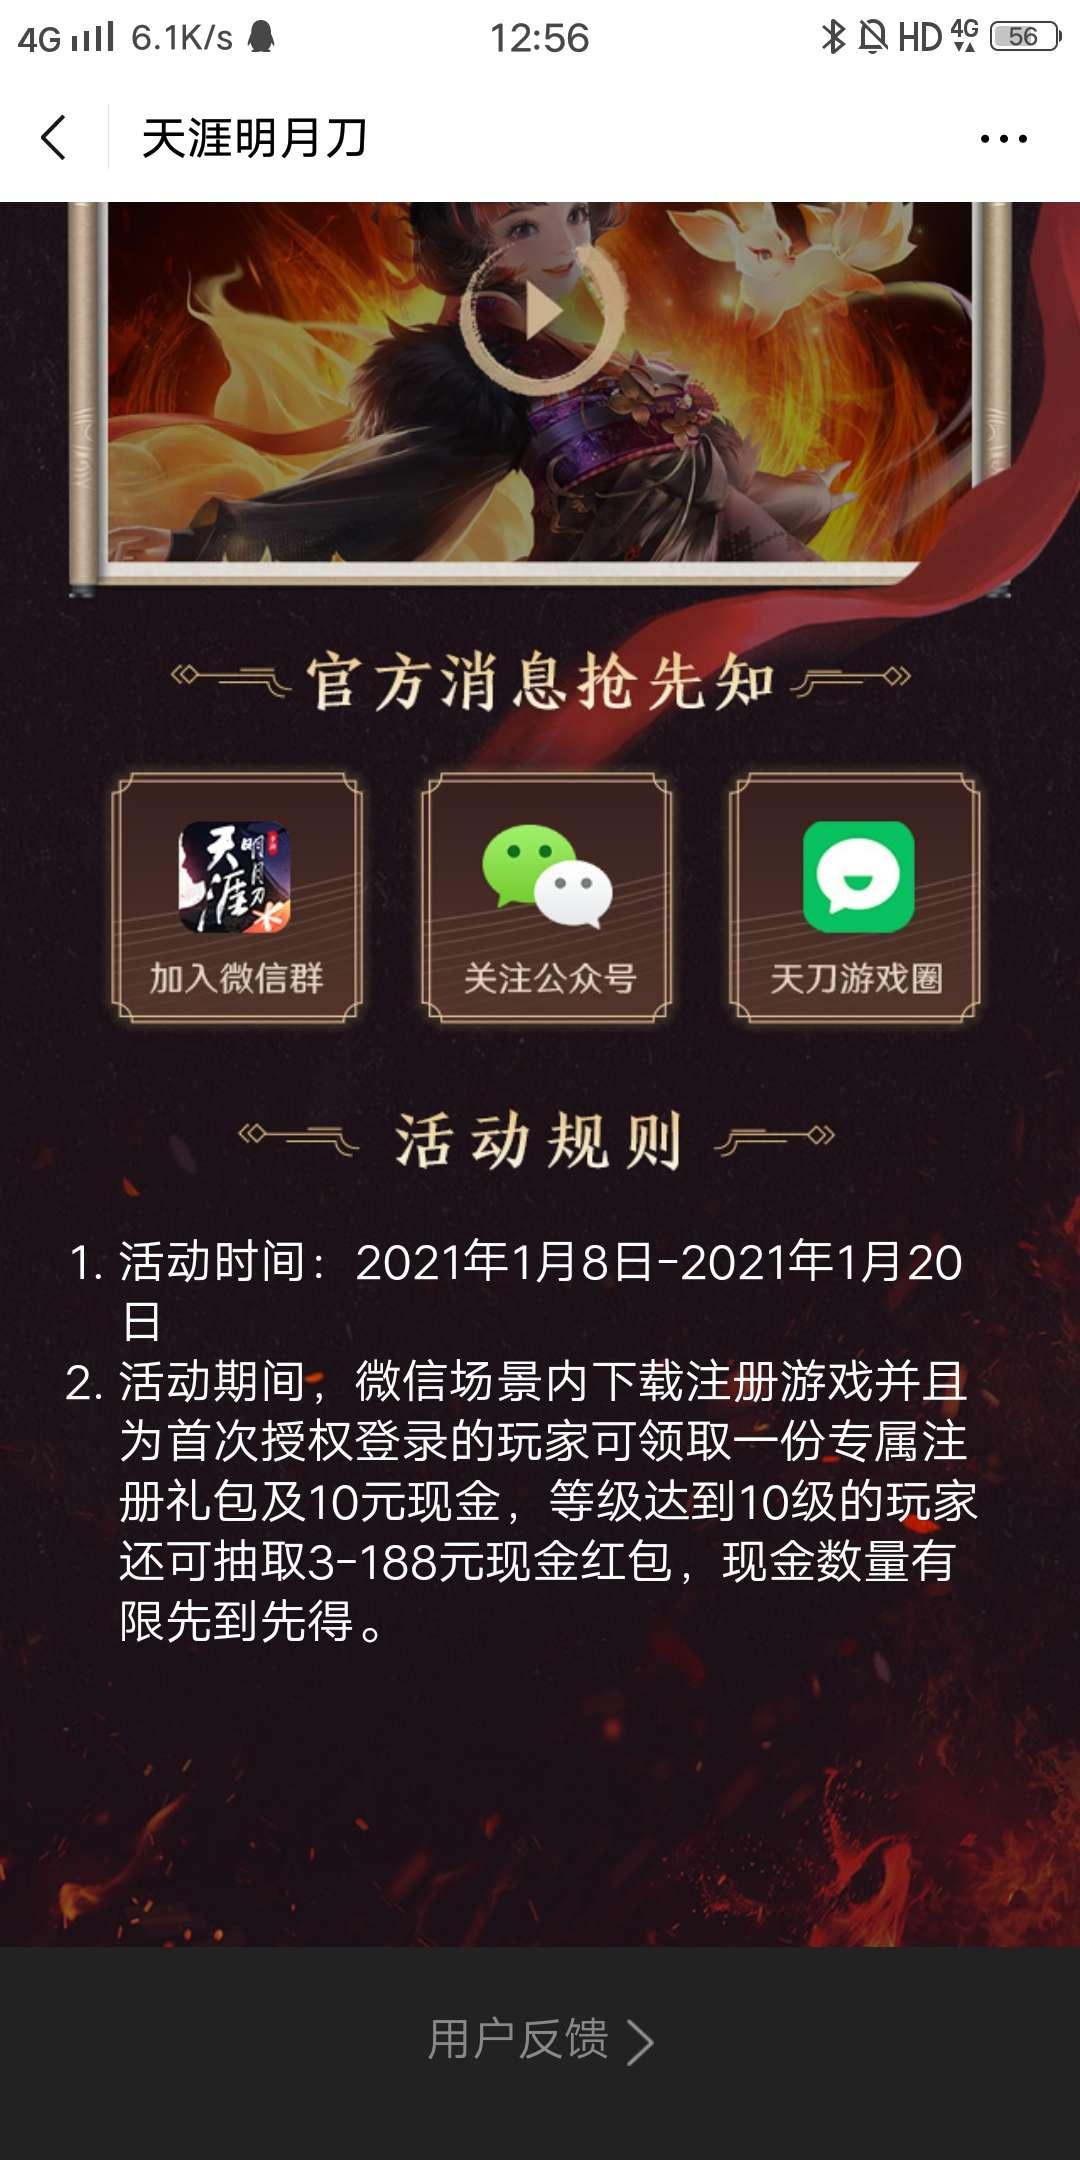 图片[2]-天涯明月刀新一期注册活动领红包-老友薅羊毛活动线报网